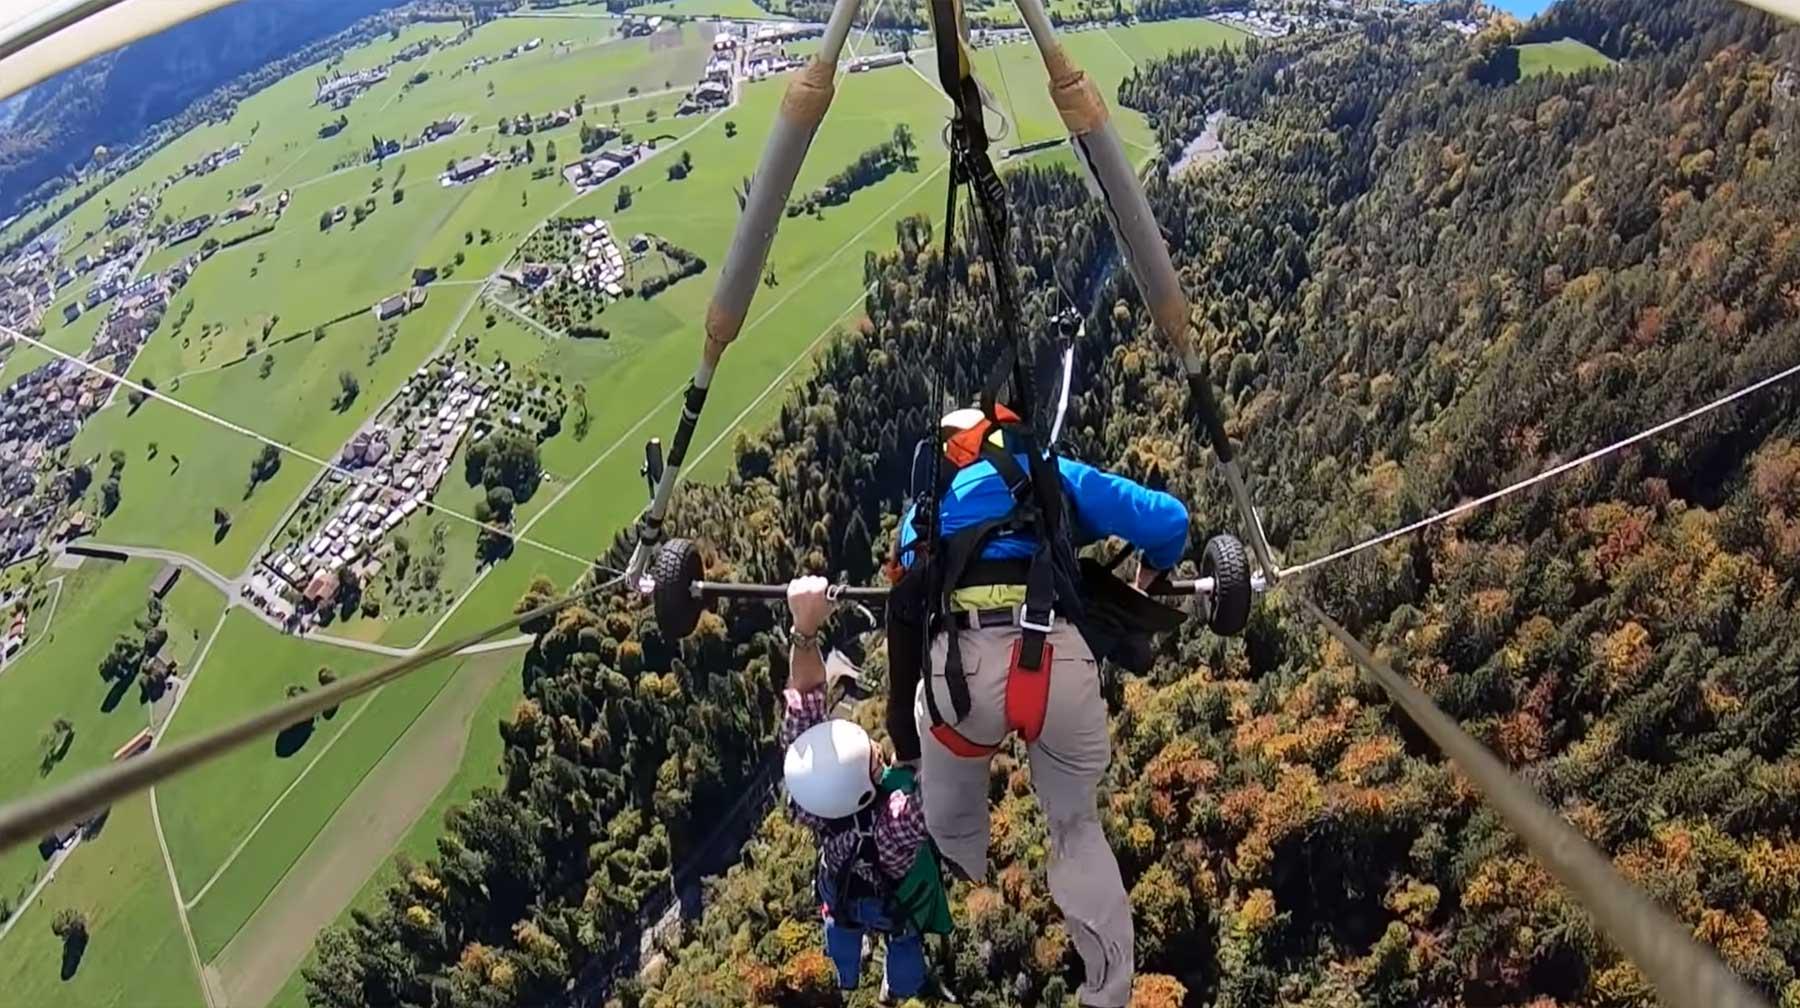 Mann ist bei erstem Hang-Glider-Flug nicht gesichert